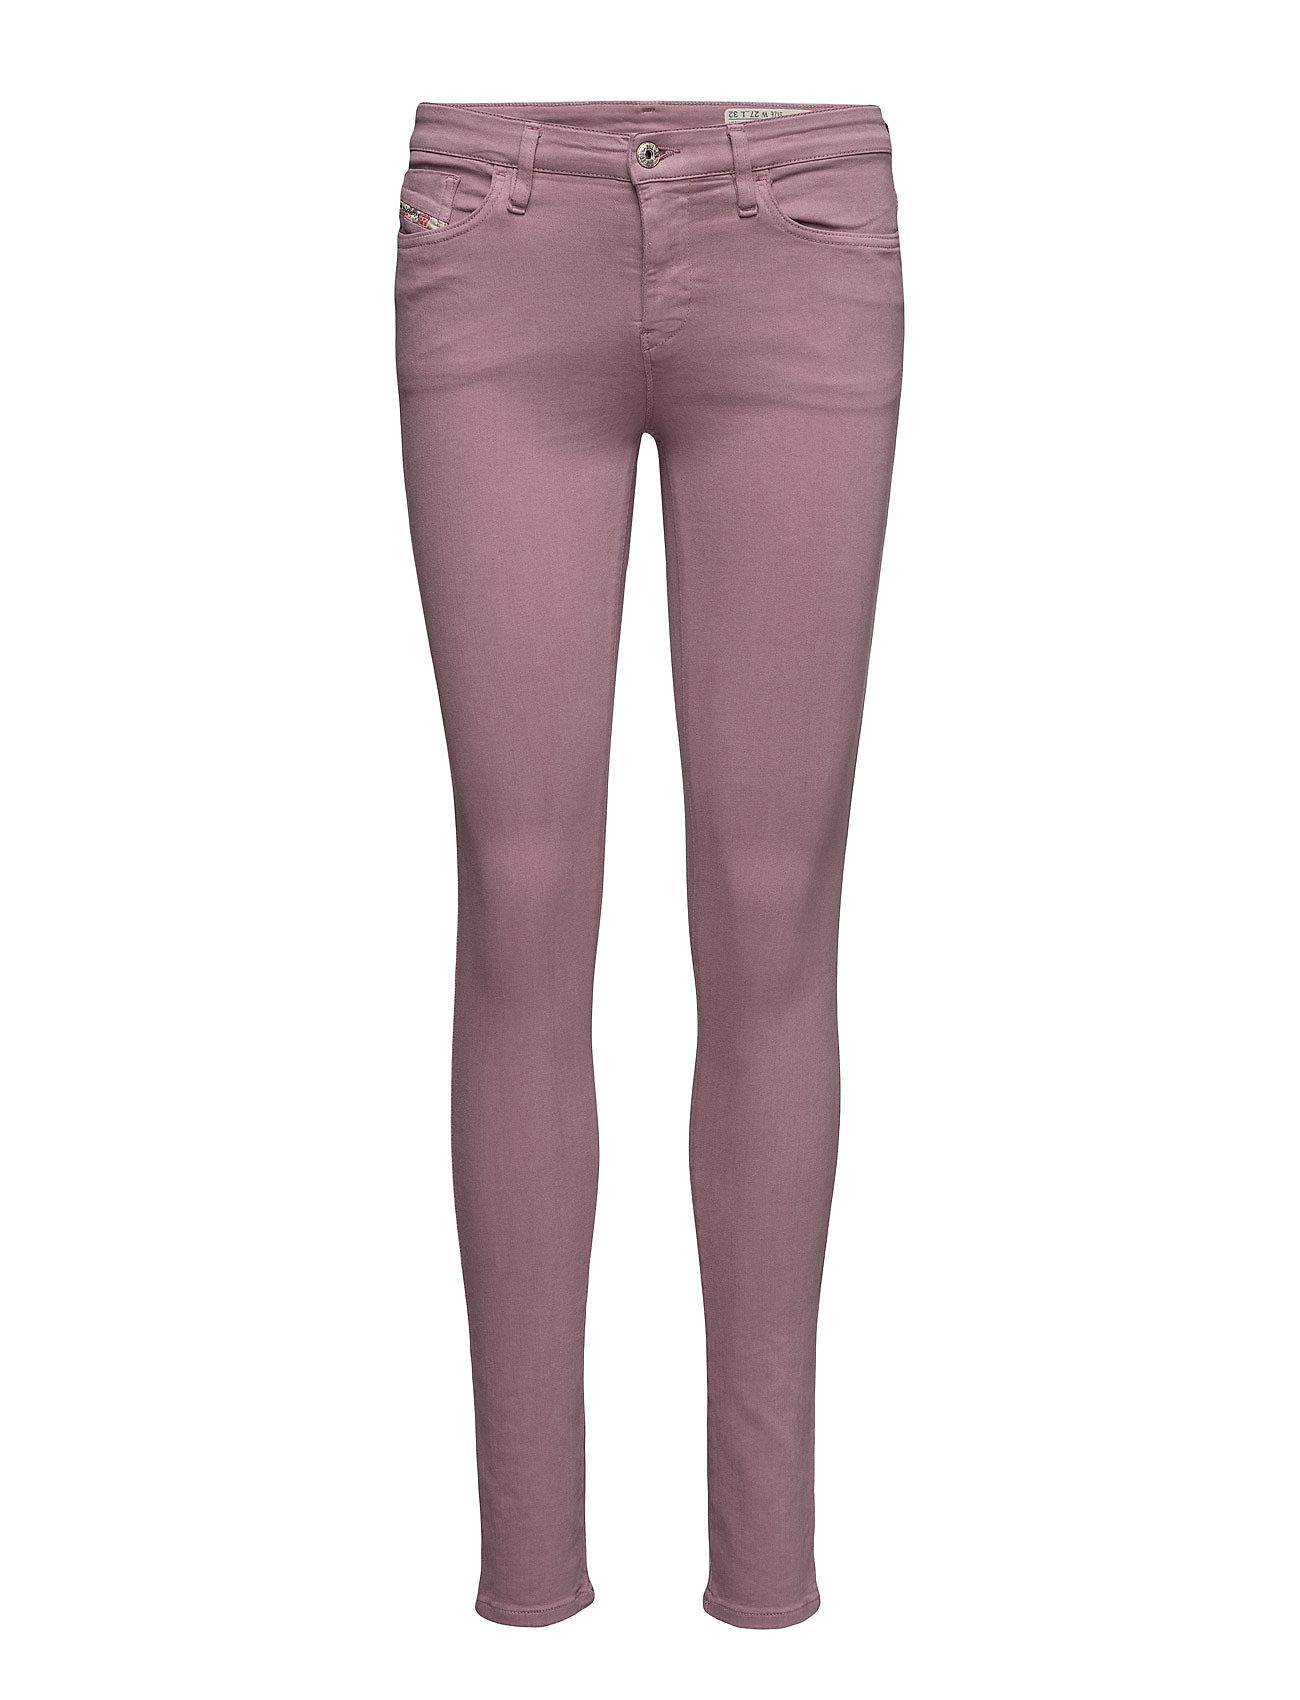 9530394c6430 Skinzee skinny jeans fra Diesel til dame i Blå - Pashion.dk